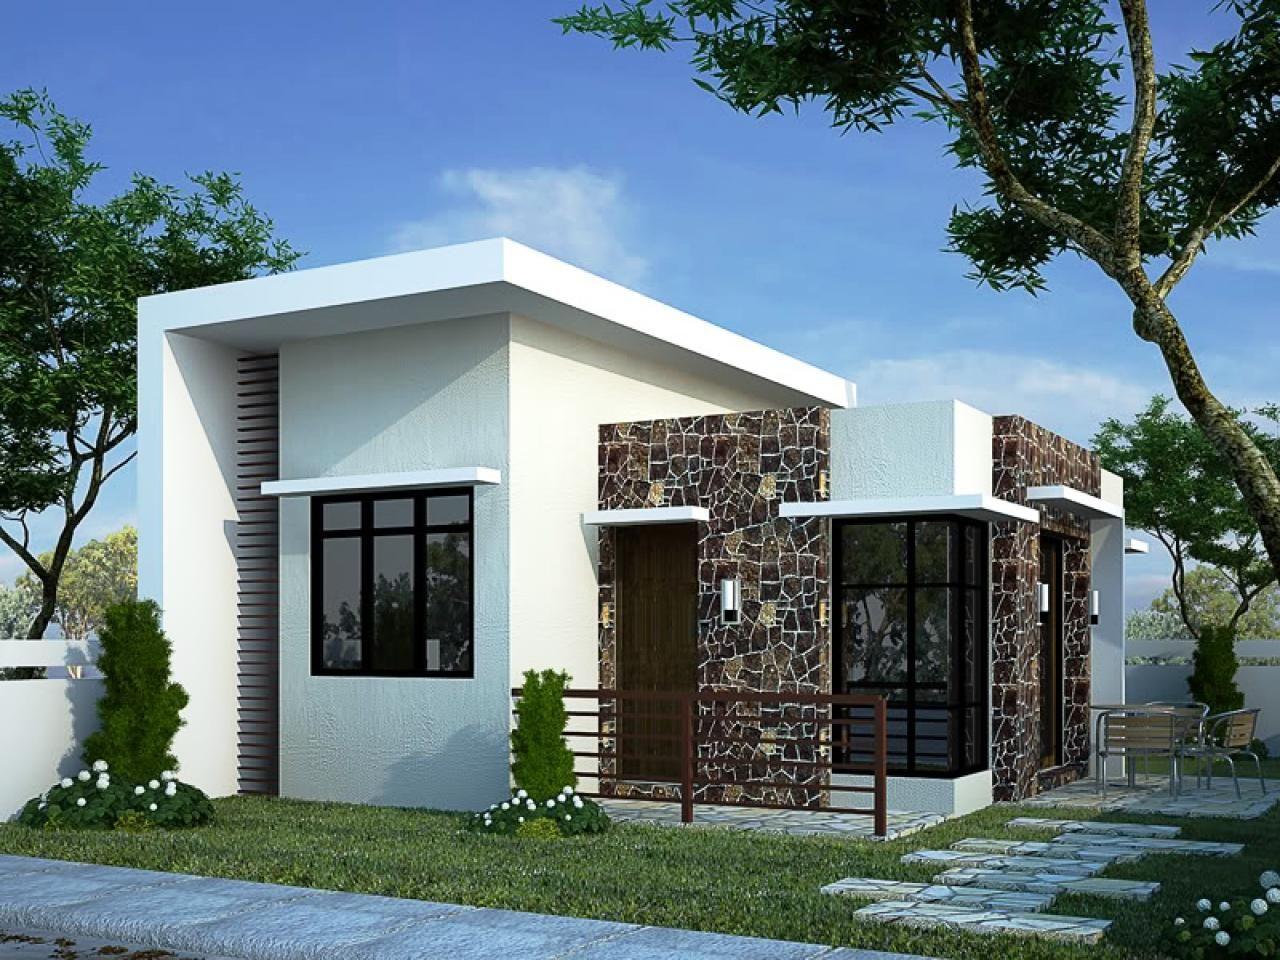 Casas modernas 2018 120 im genes de exteriores e - Imagenes de interiores de casas modernas ...